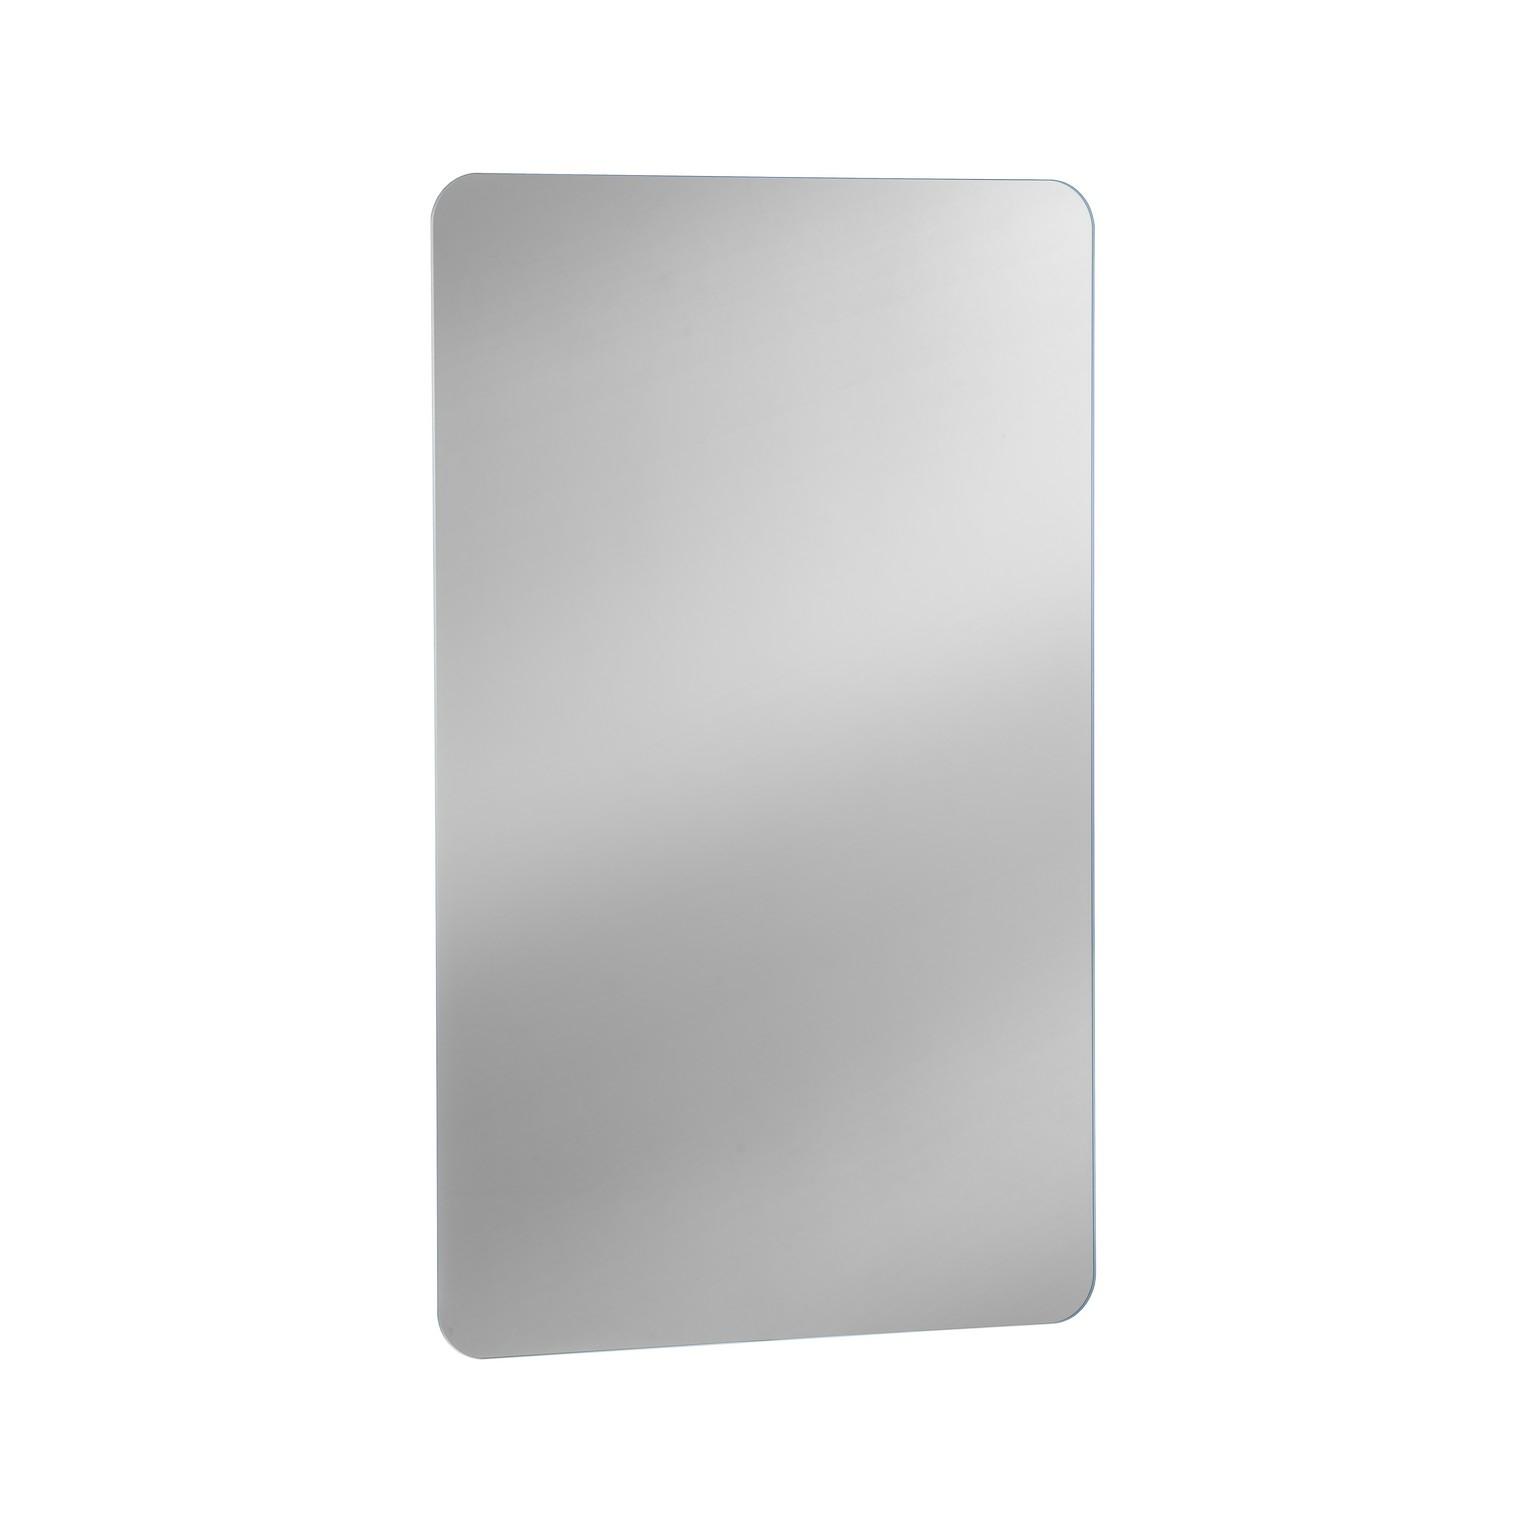 Oglinda pentru baie cu Led, L80xl50 cm, Stella imagine